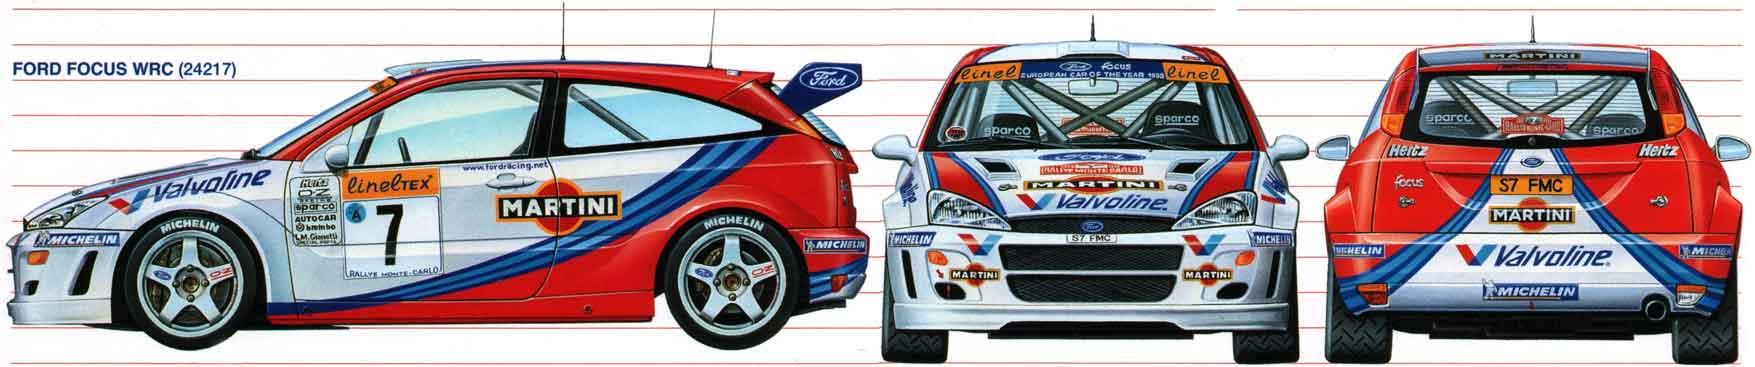 Ford Focus WRC-ford_focus_wrc.jpg